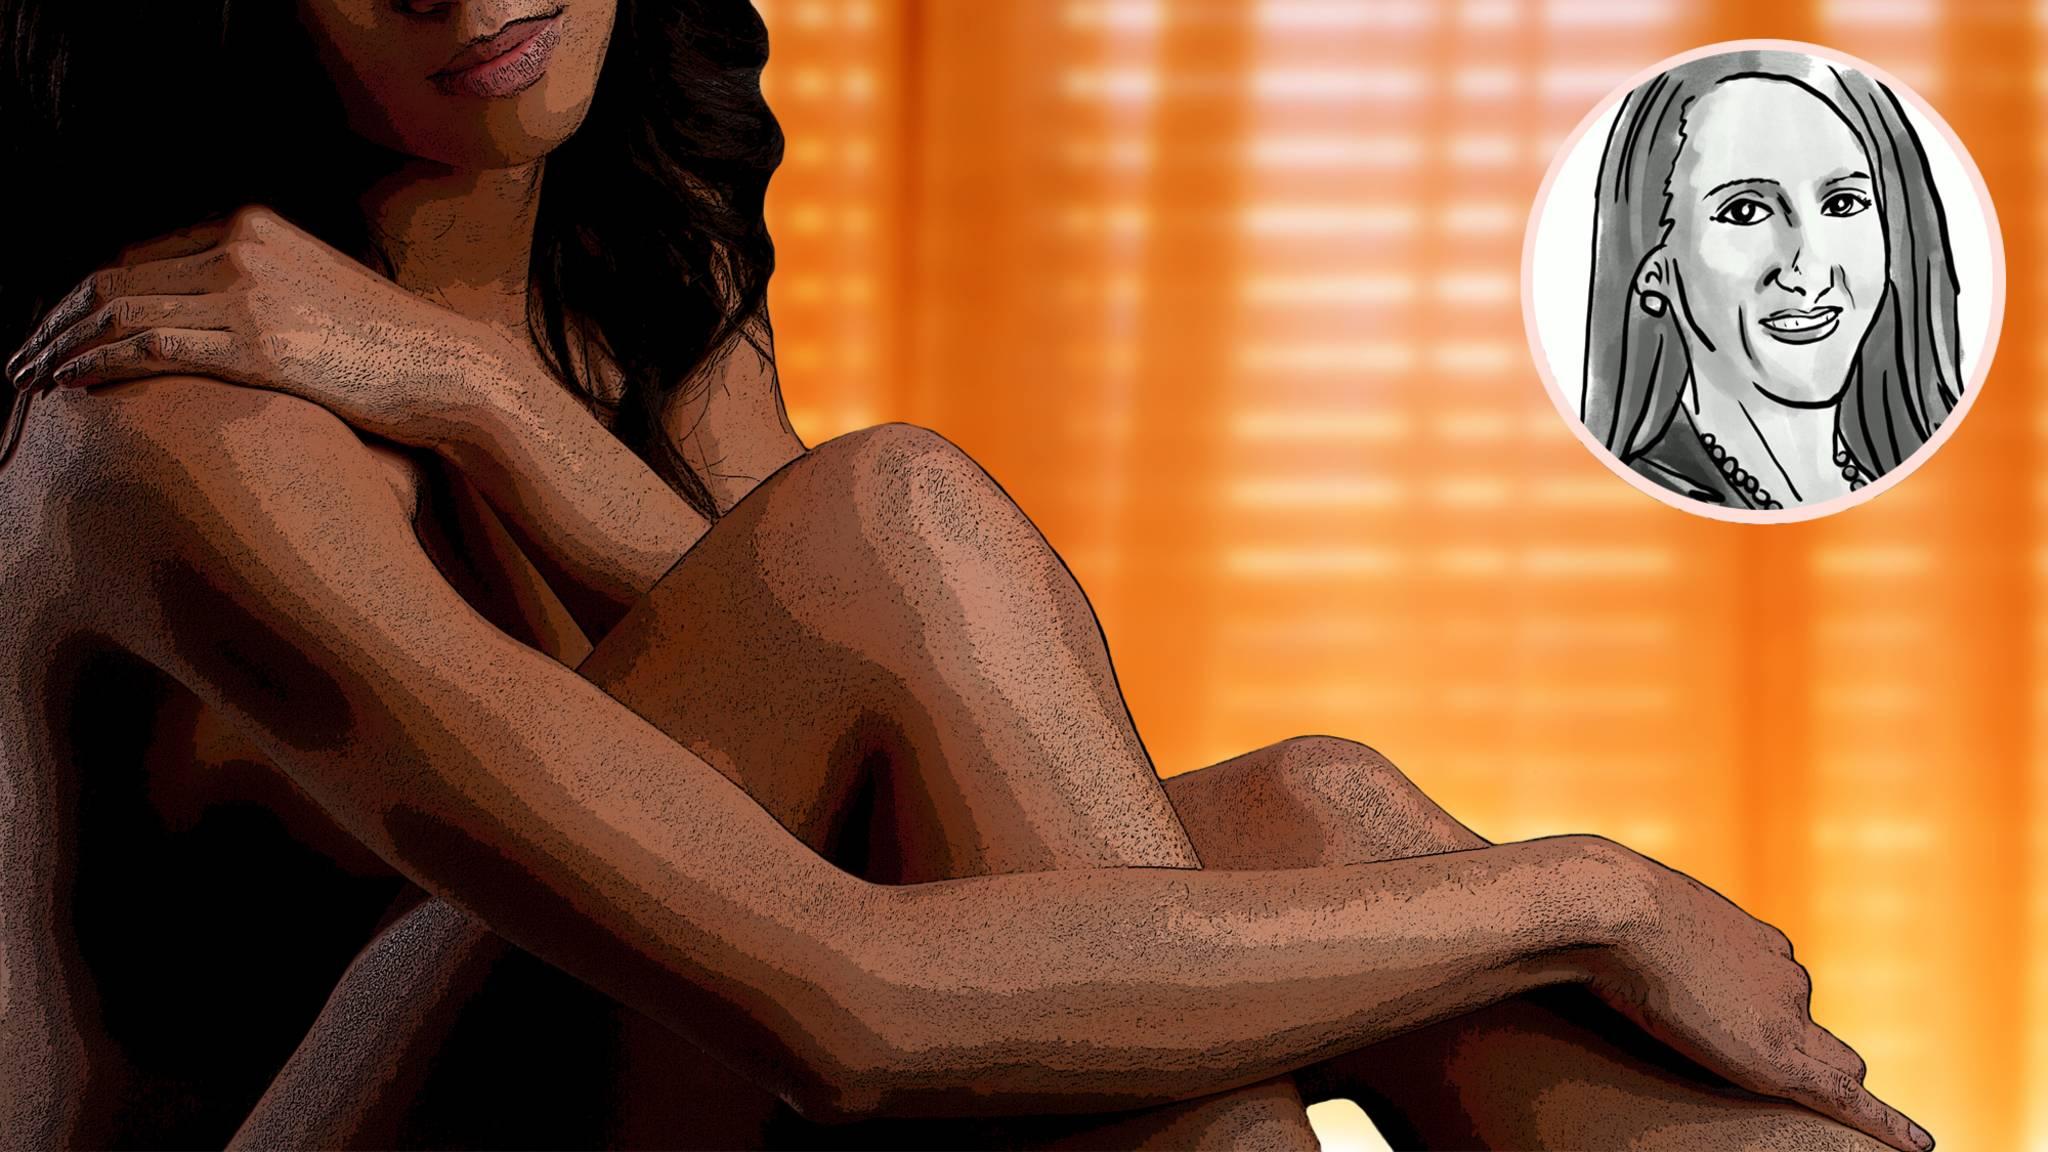 Begegnung mit Kunst-Sex-Video